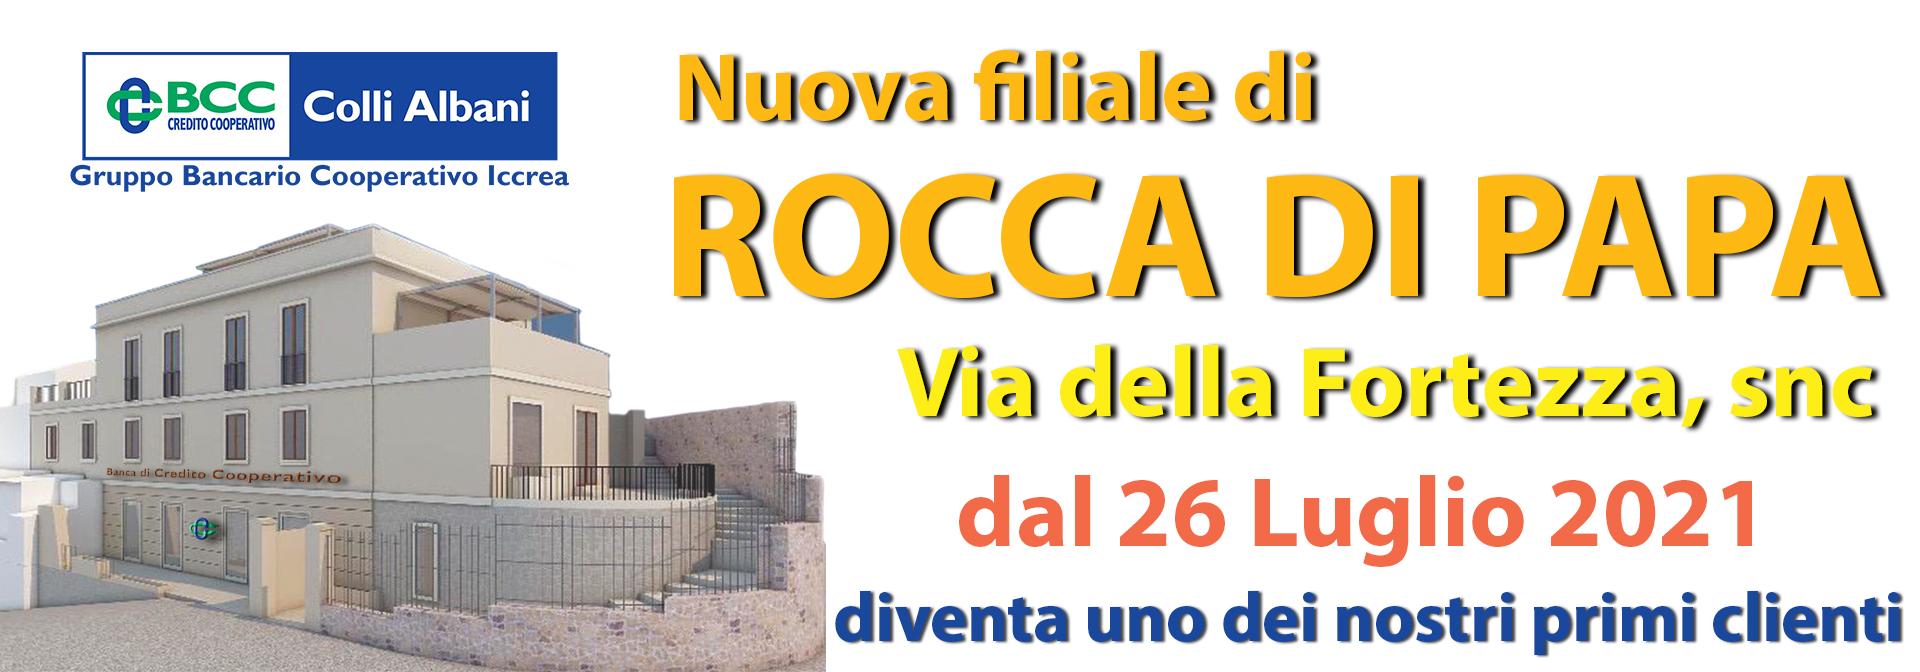 nuova filiale Rocca CELL